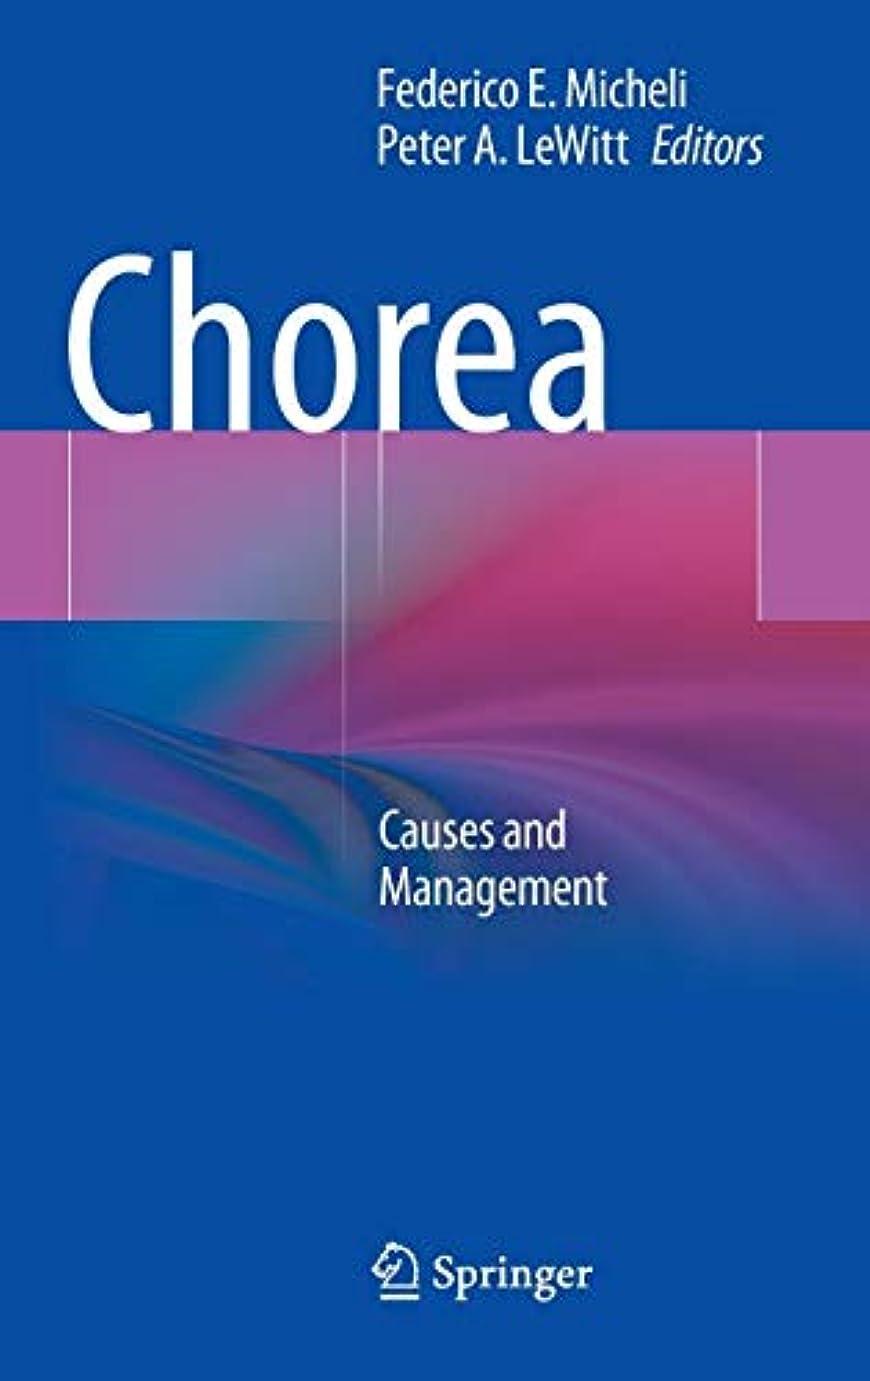 テメリティ我慢する自己尊重Chorea: Causes and Management